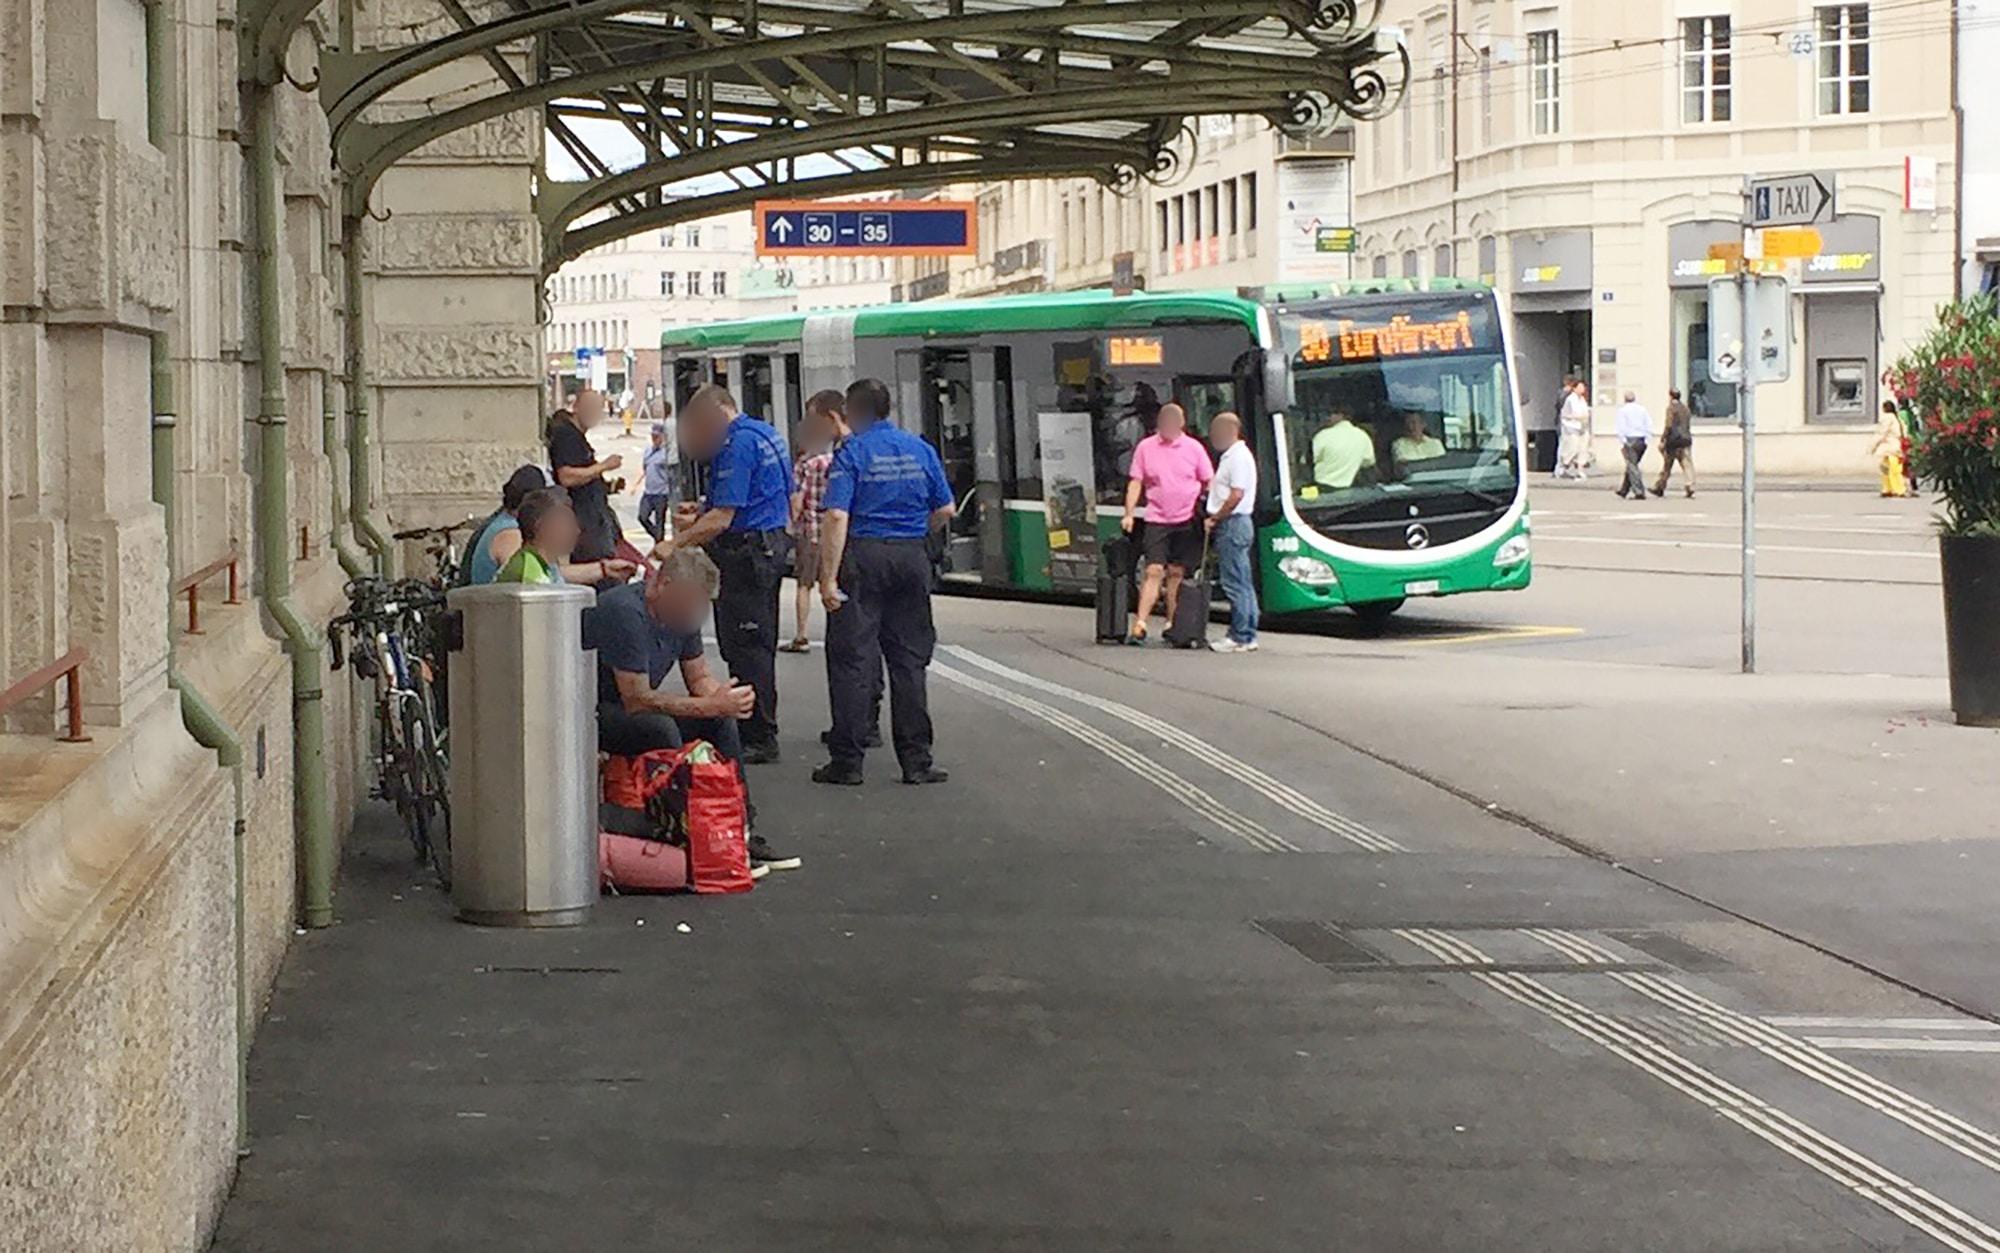 Basel, Bahnhof SBB, Grenzpolizei, Randständige, Kontrolle